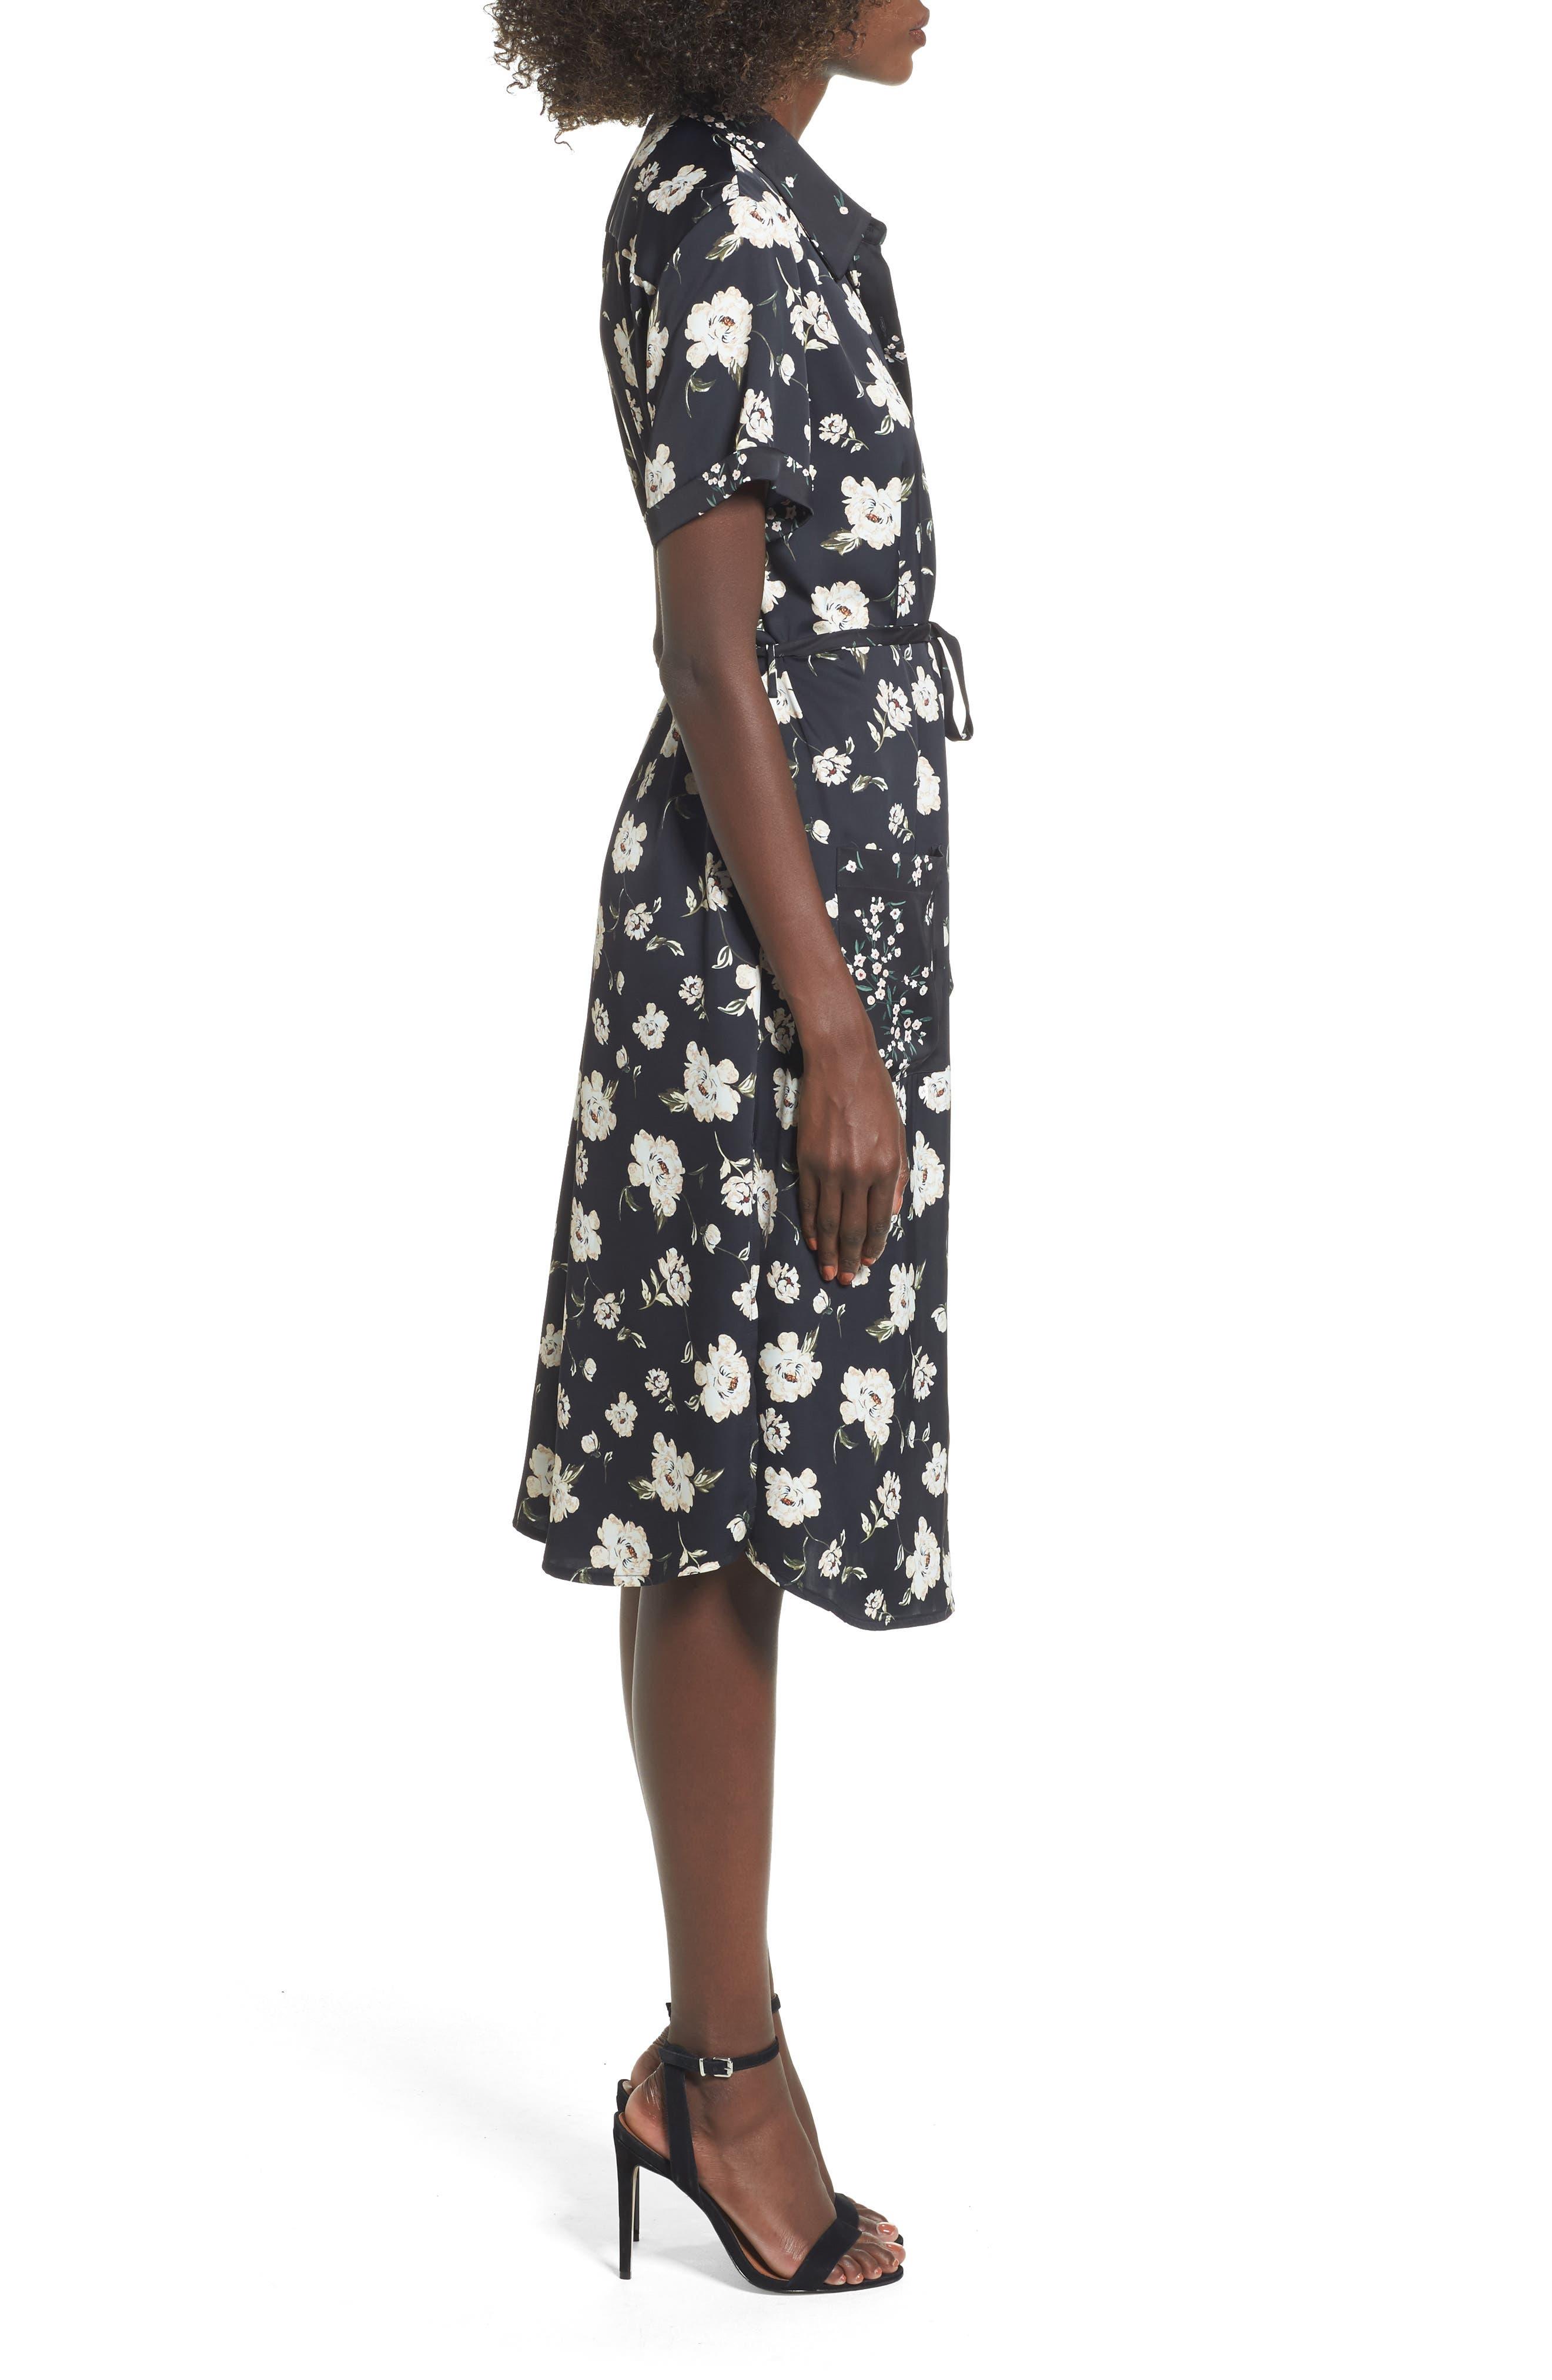 L'Academie The Shirt Dress Midi Dress,                             Alternate thumbnail 3, color,                             Romantic Floral